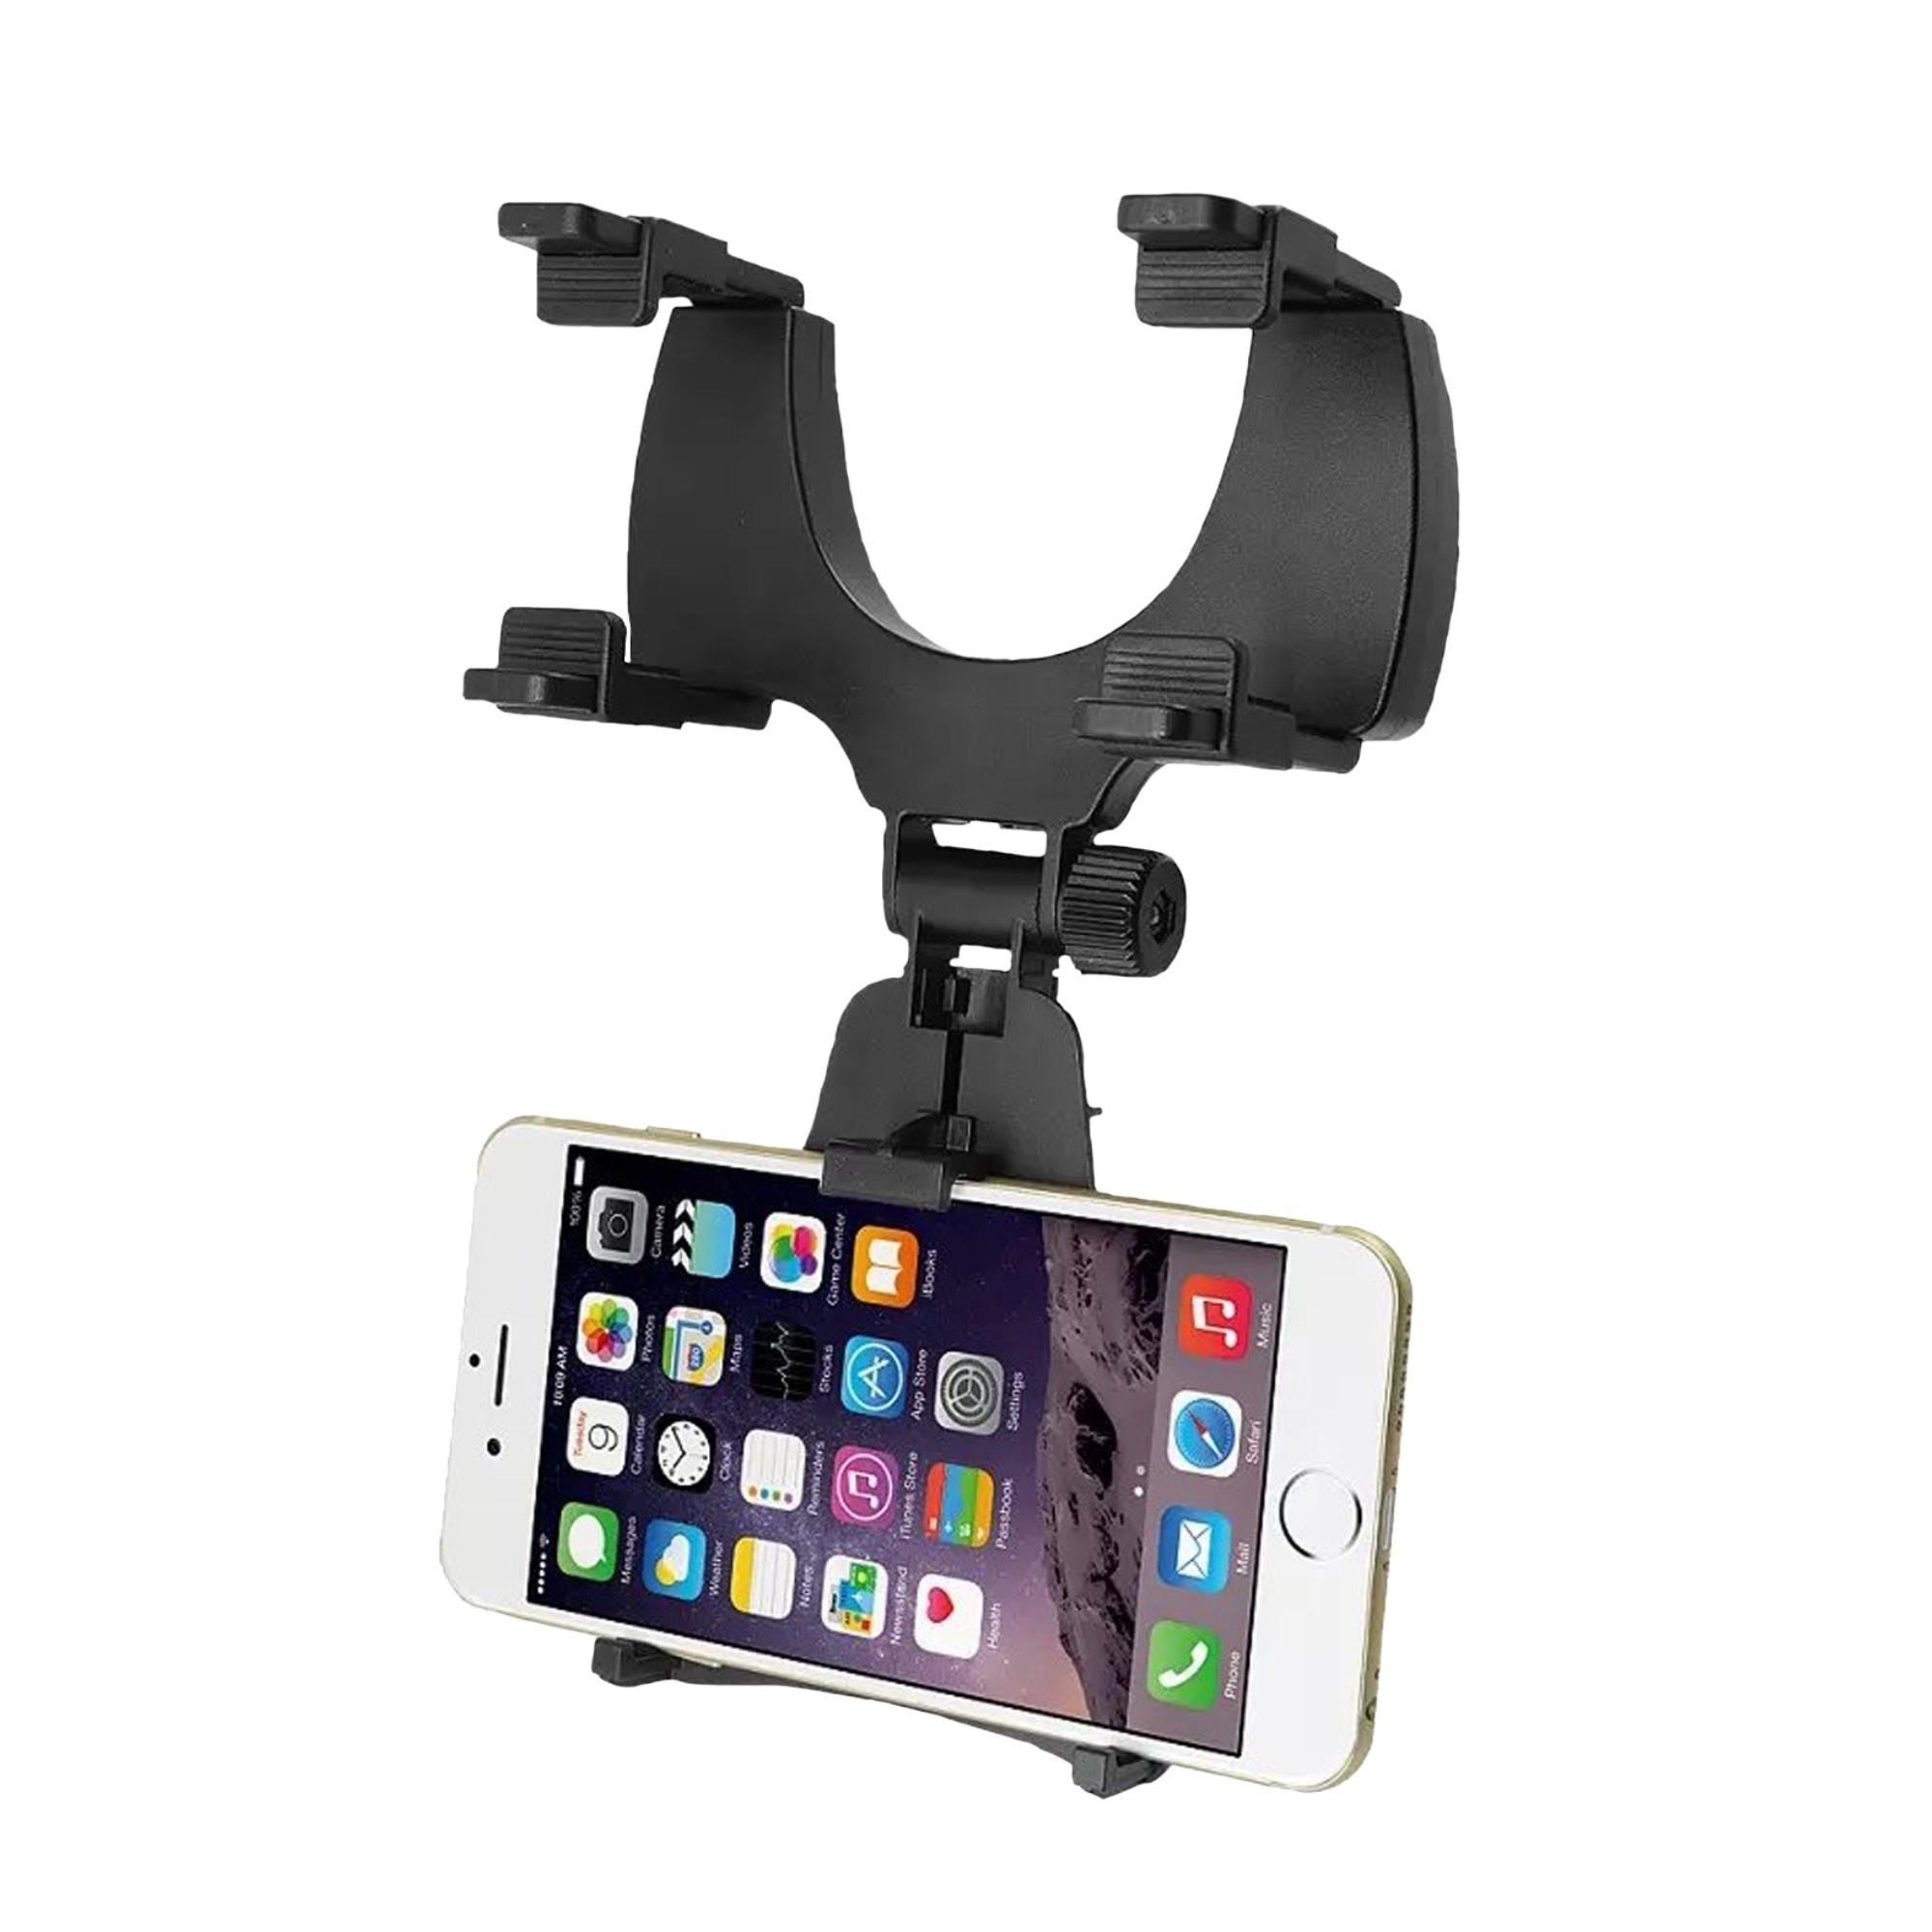 Suport pentru telefon cu oglindă retrovizoare auto Suport pentru telefon mobil reglabil la 360 de grade +CADOU imagine techstar.ro 2021